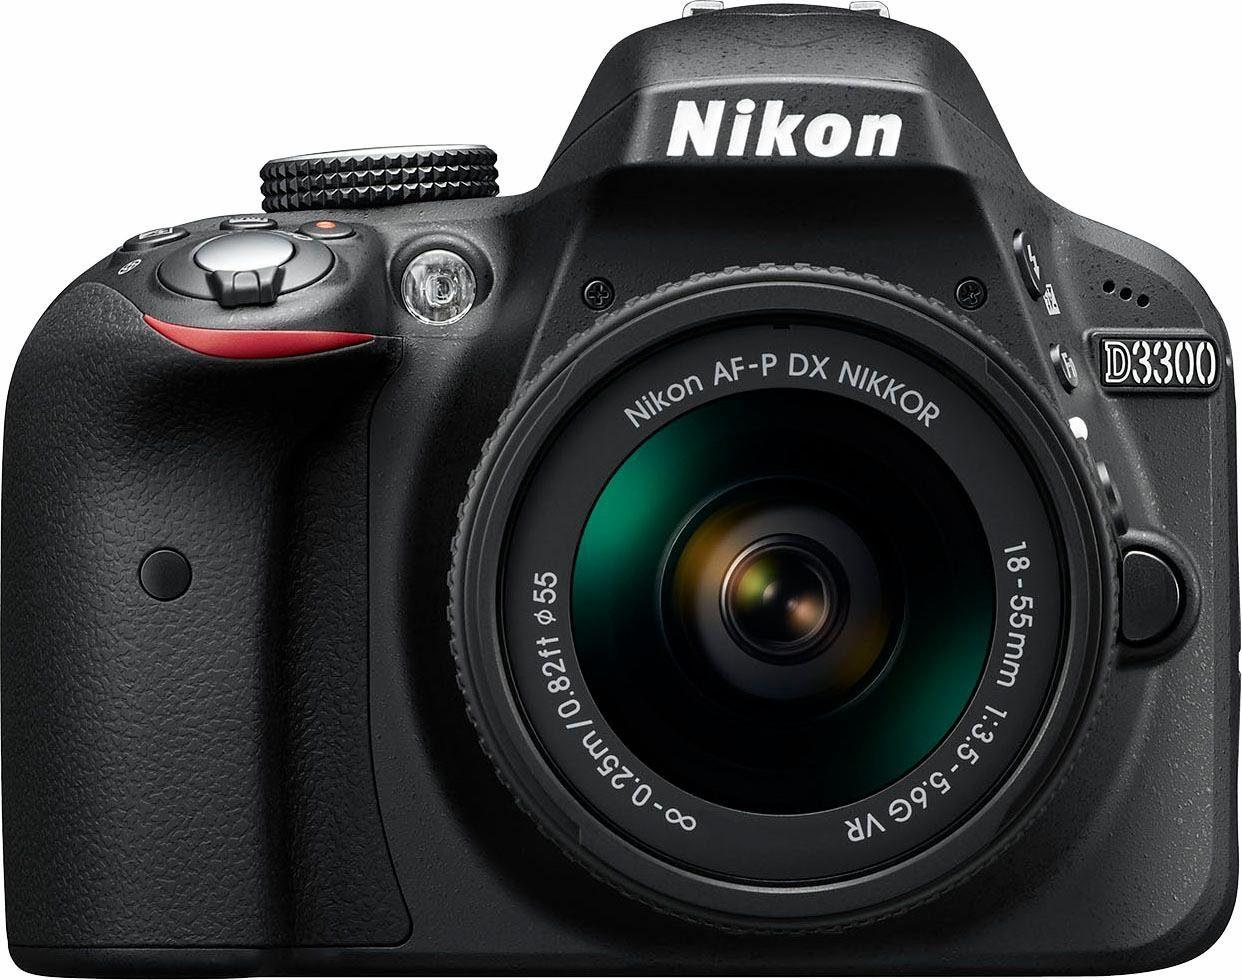 Nikon D3300 Kit Spiegelreflex Kamera, 18-55 mm VR Zoom-Objektiv,Tasche, 16GB SD, 10€ Fotogutschein